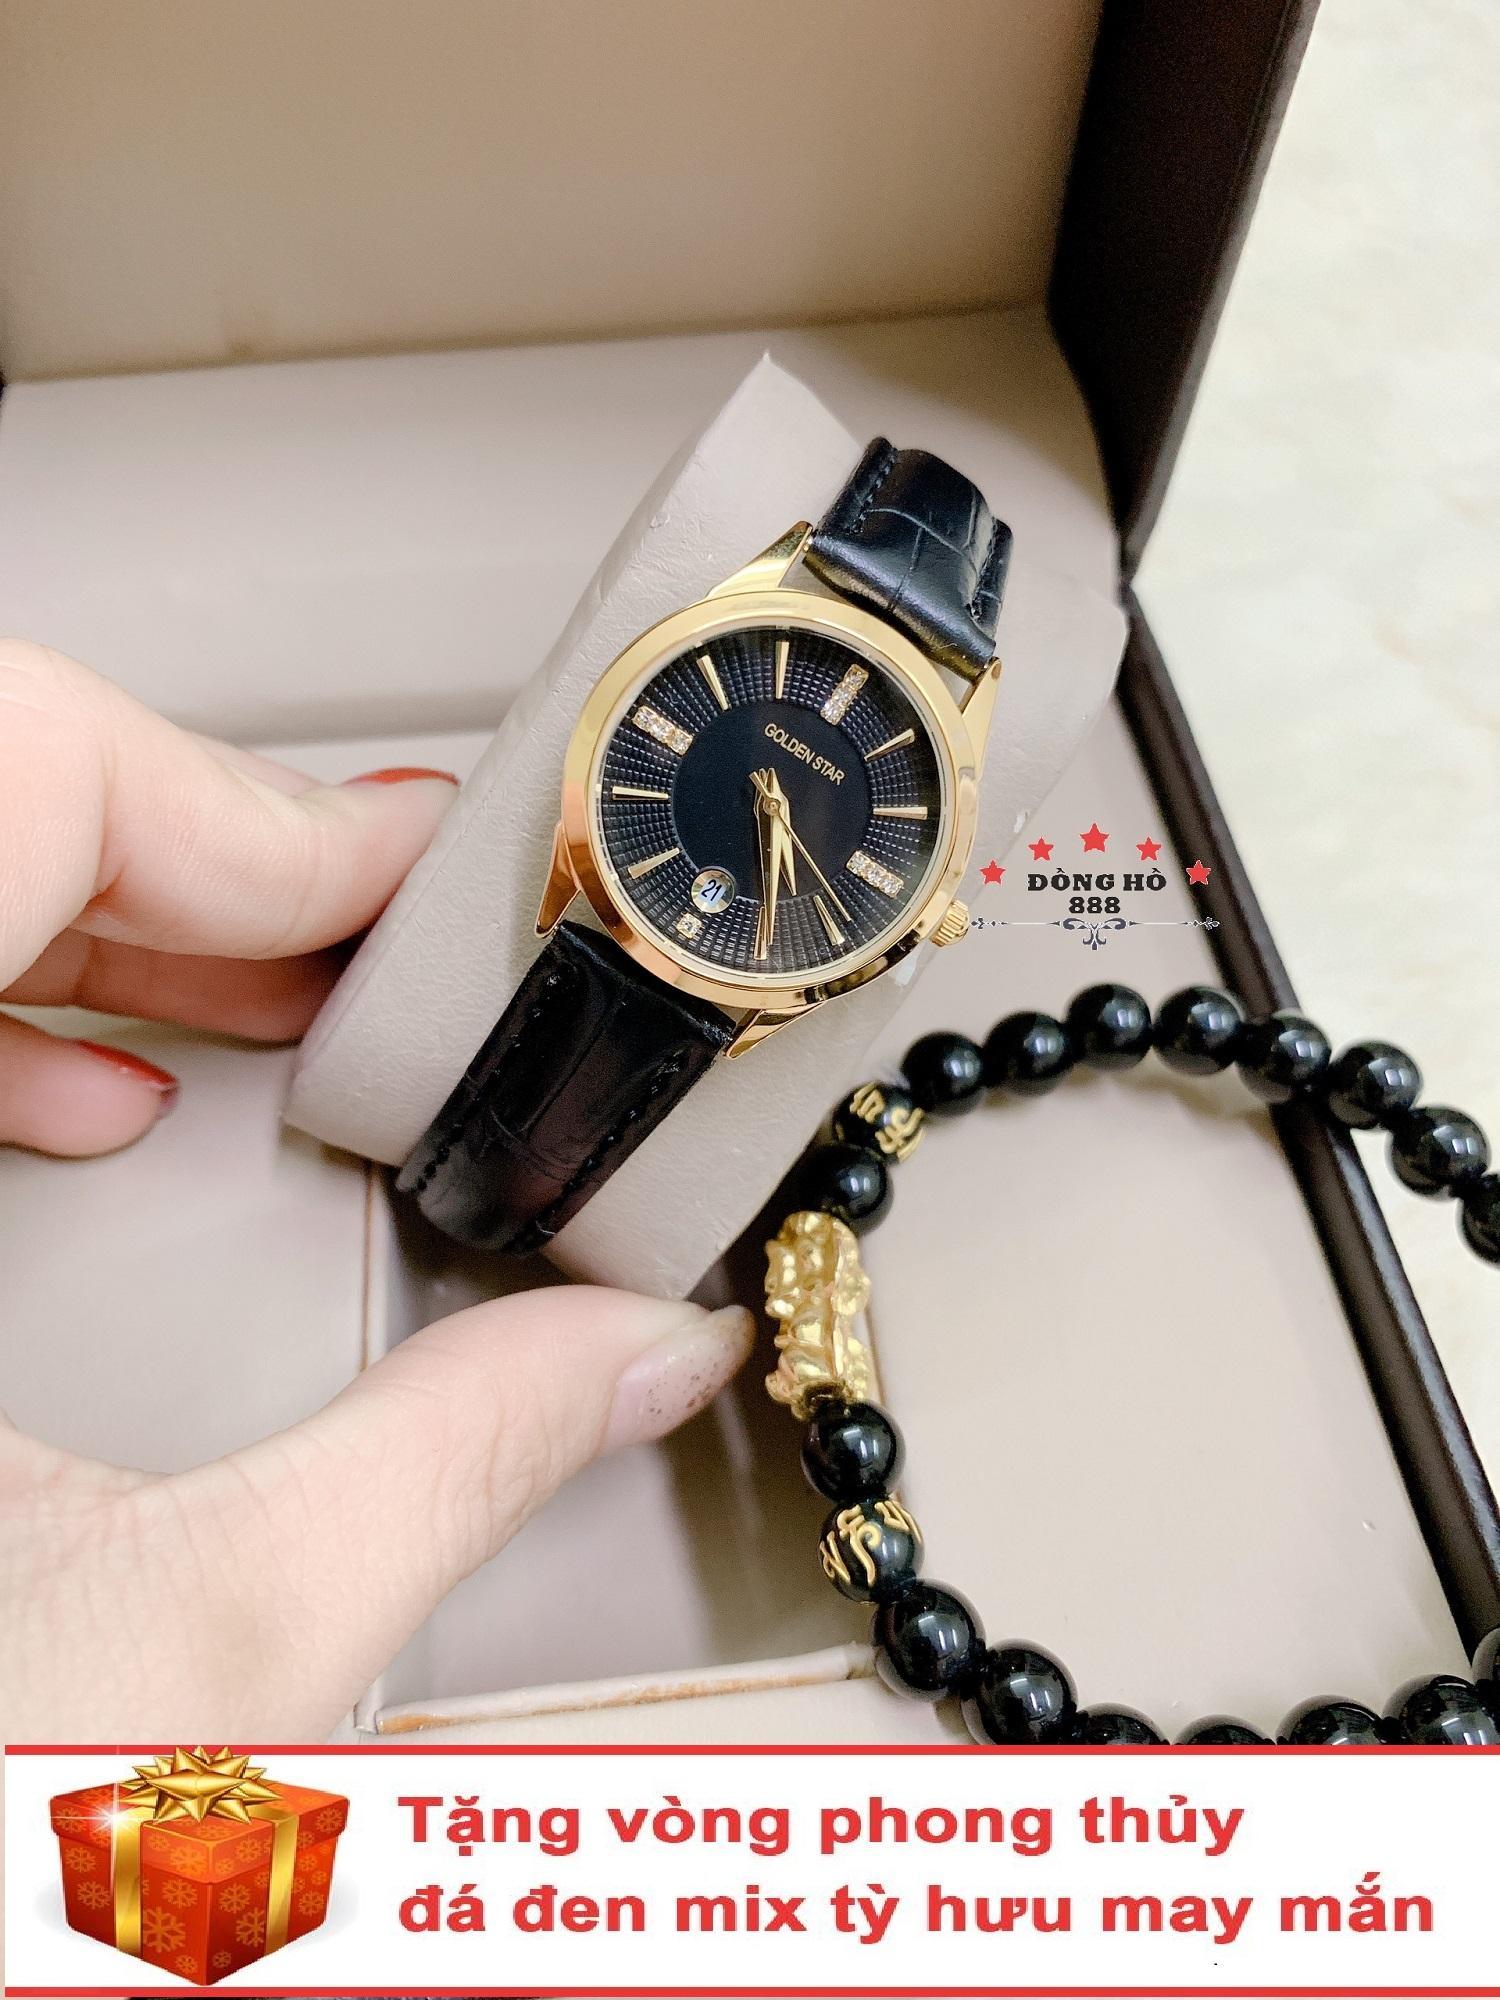 Đồng hồ nữ GOLDEN STAR dây da thời thượng có lịch ( dây đen mặt đen ) - TẶNG 1 vòng tỳ hưu phong thuỷ bán chạy